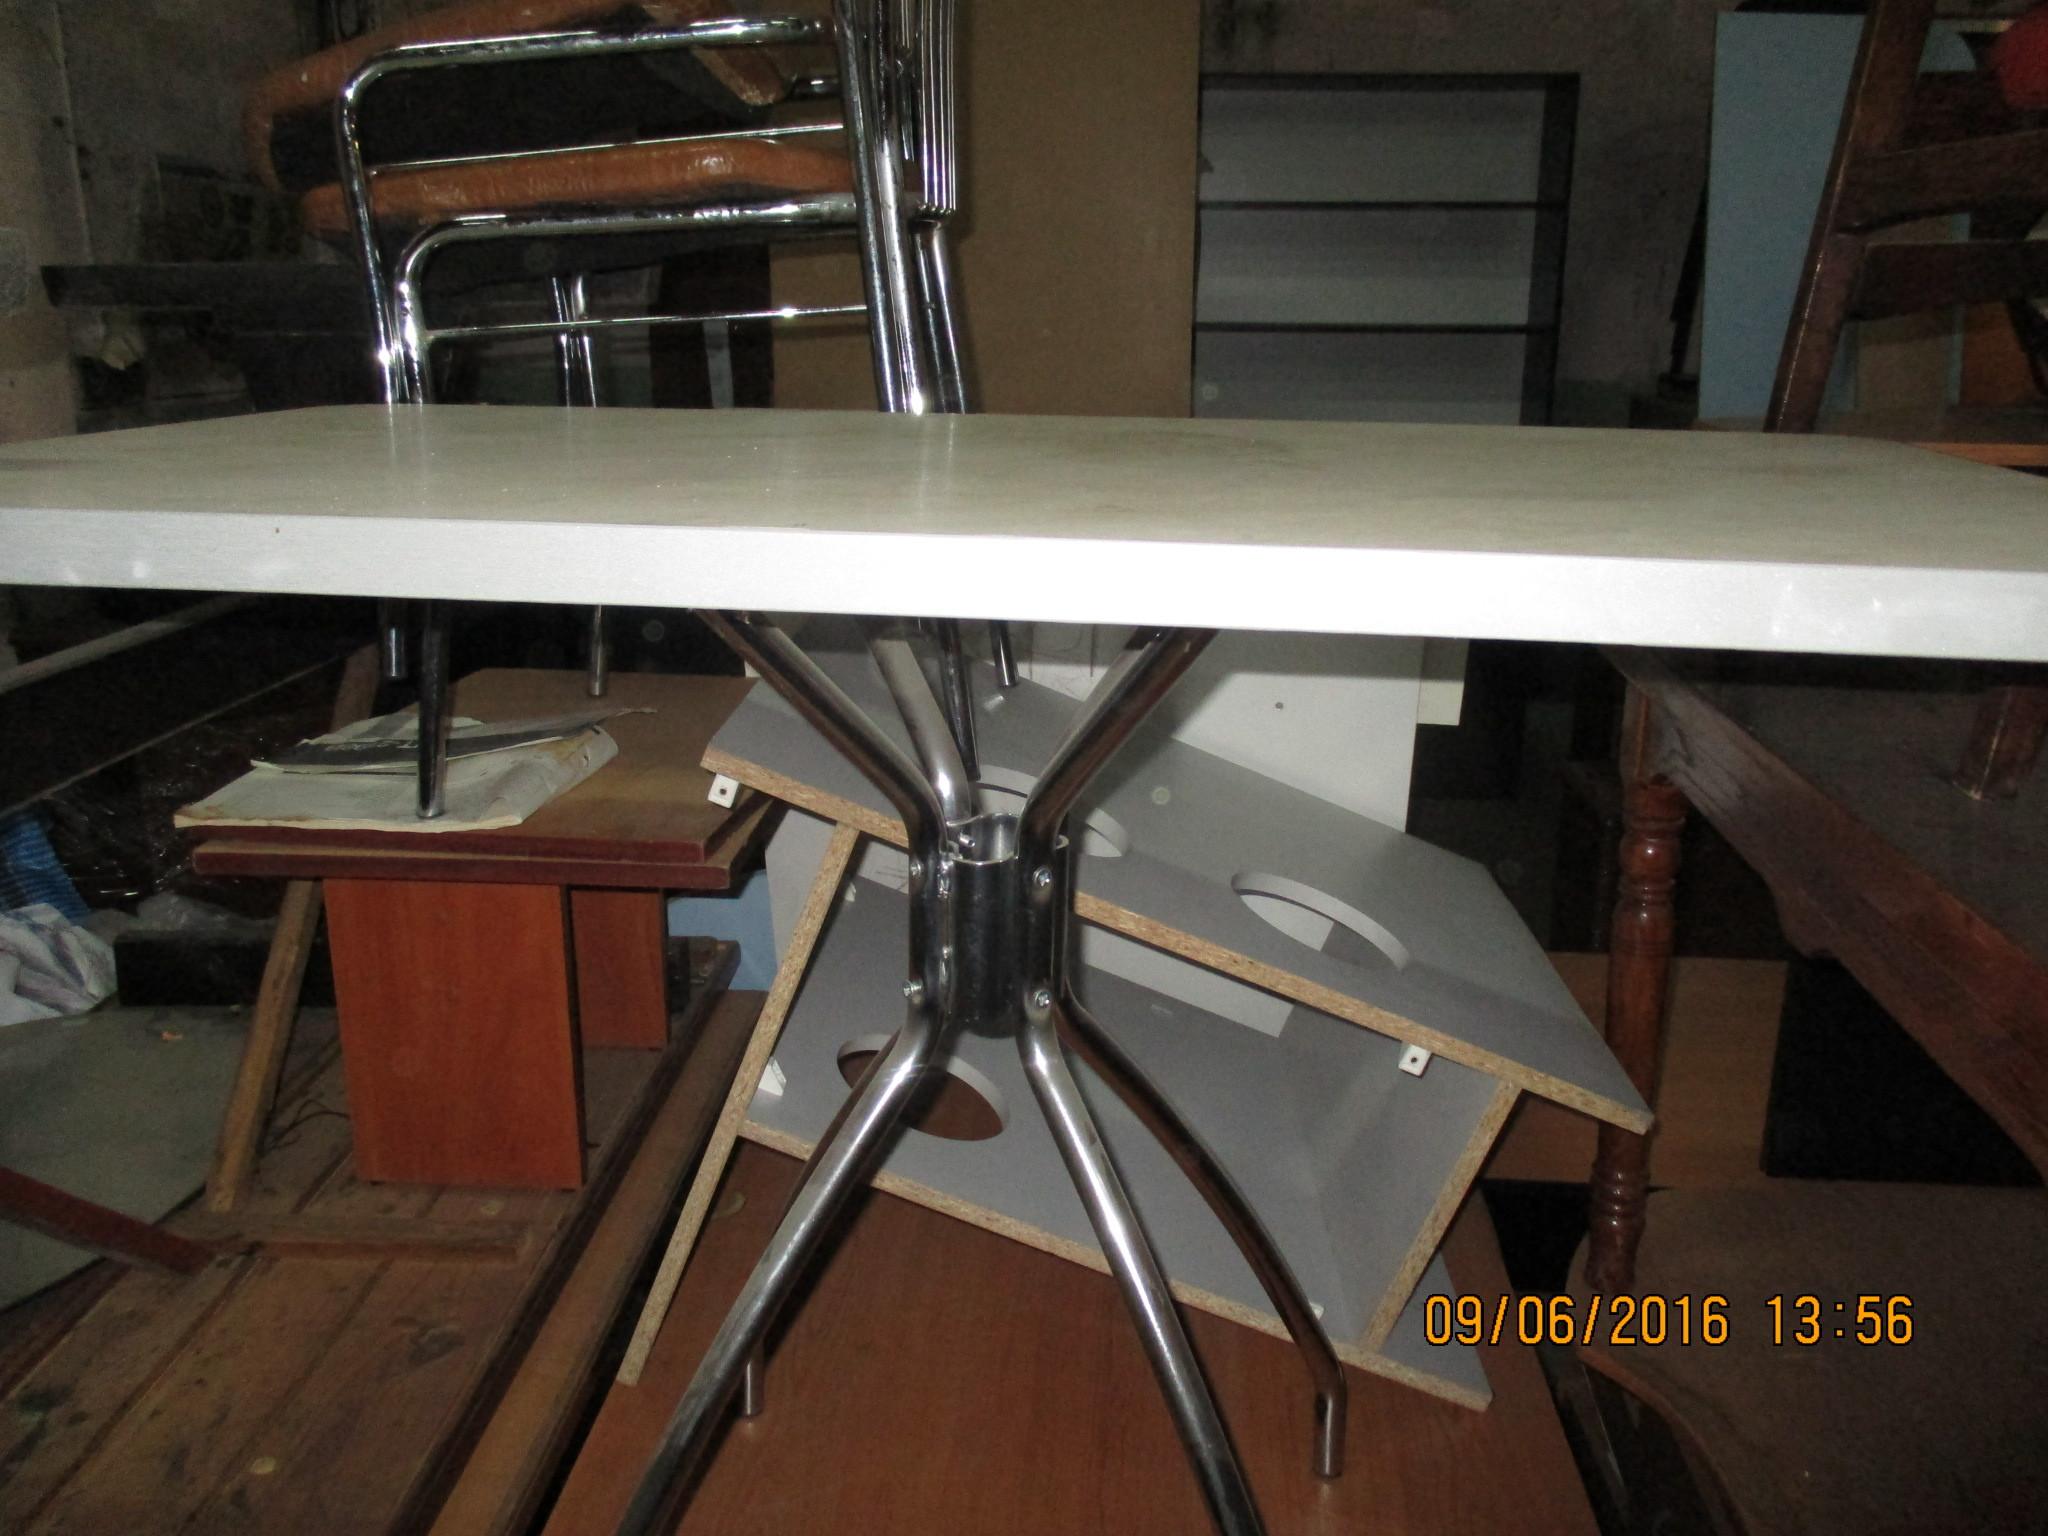 Стіл кухонний бежевого кольору з металевими ніжками